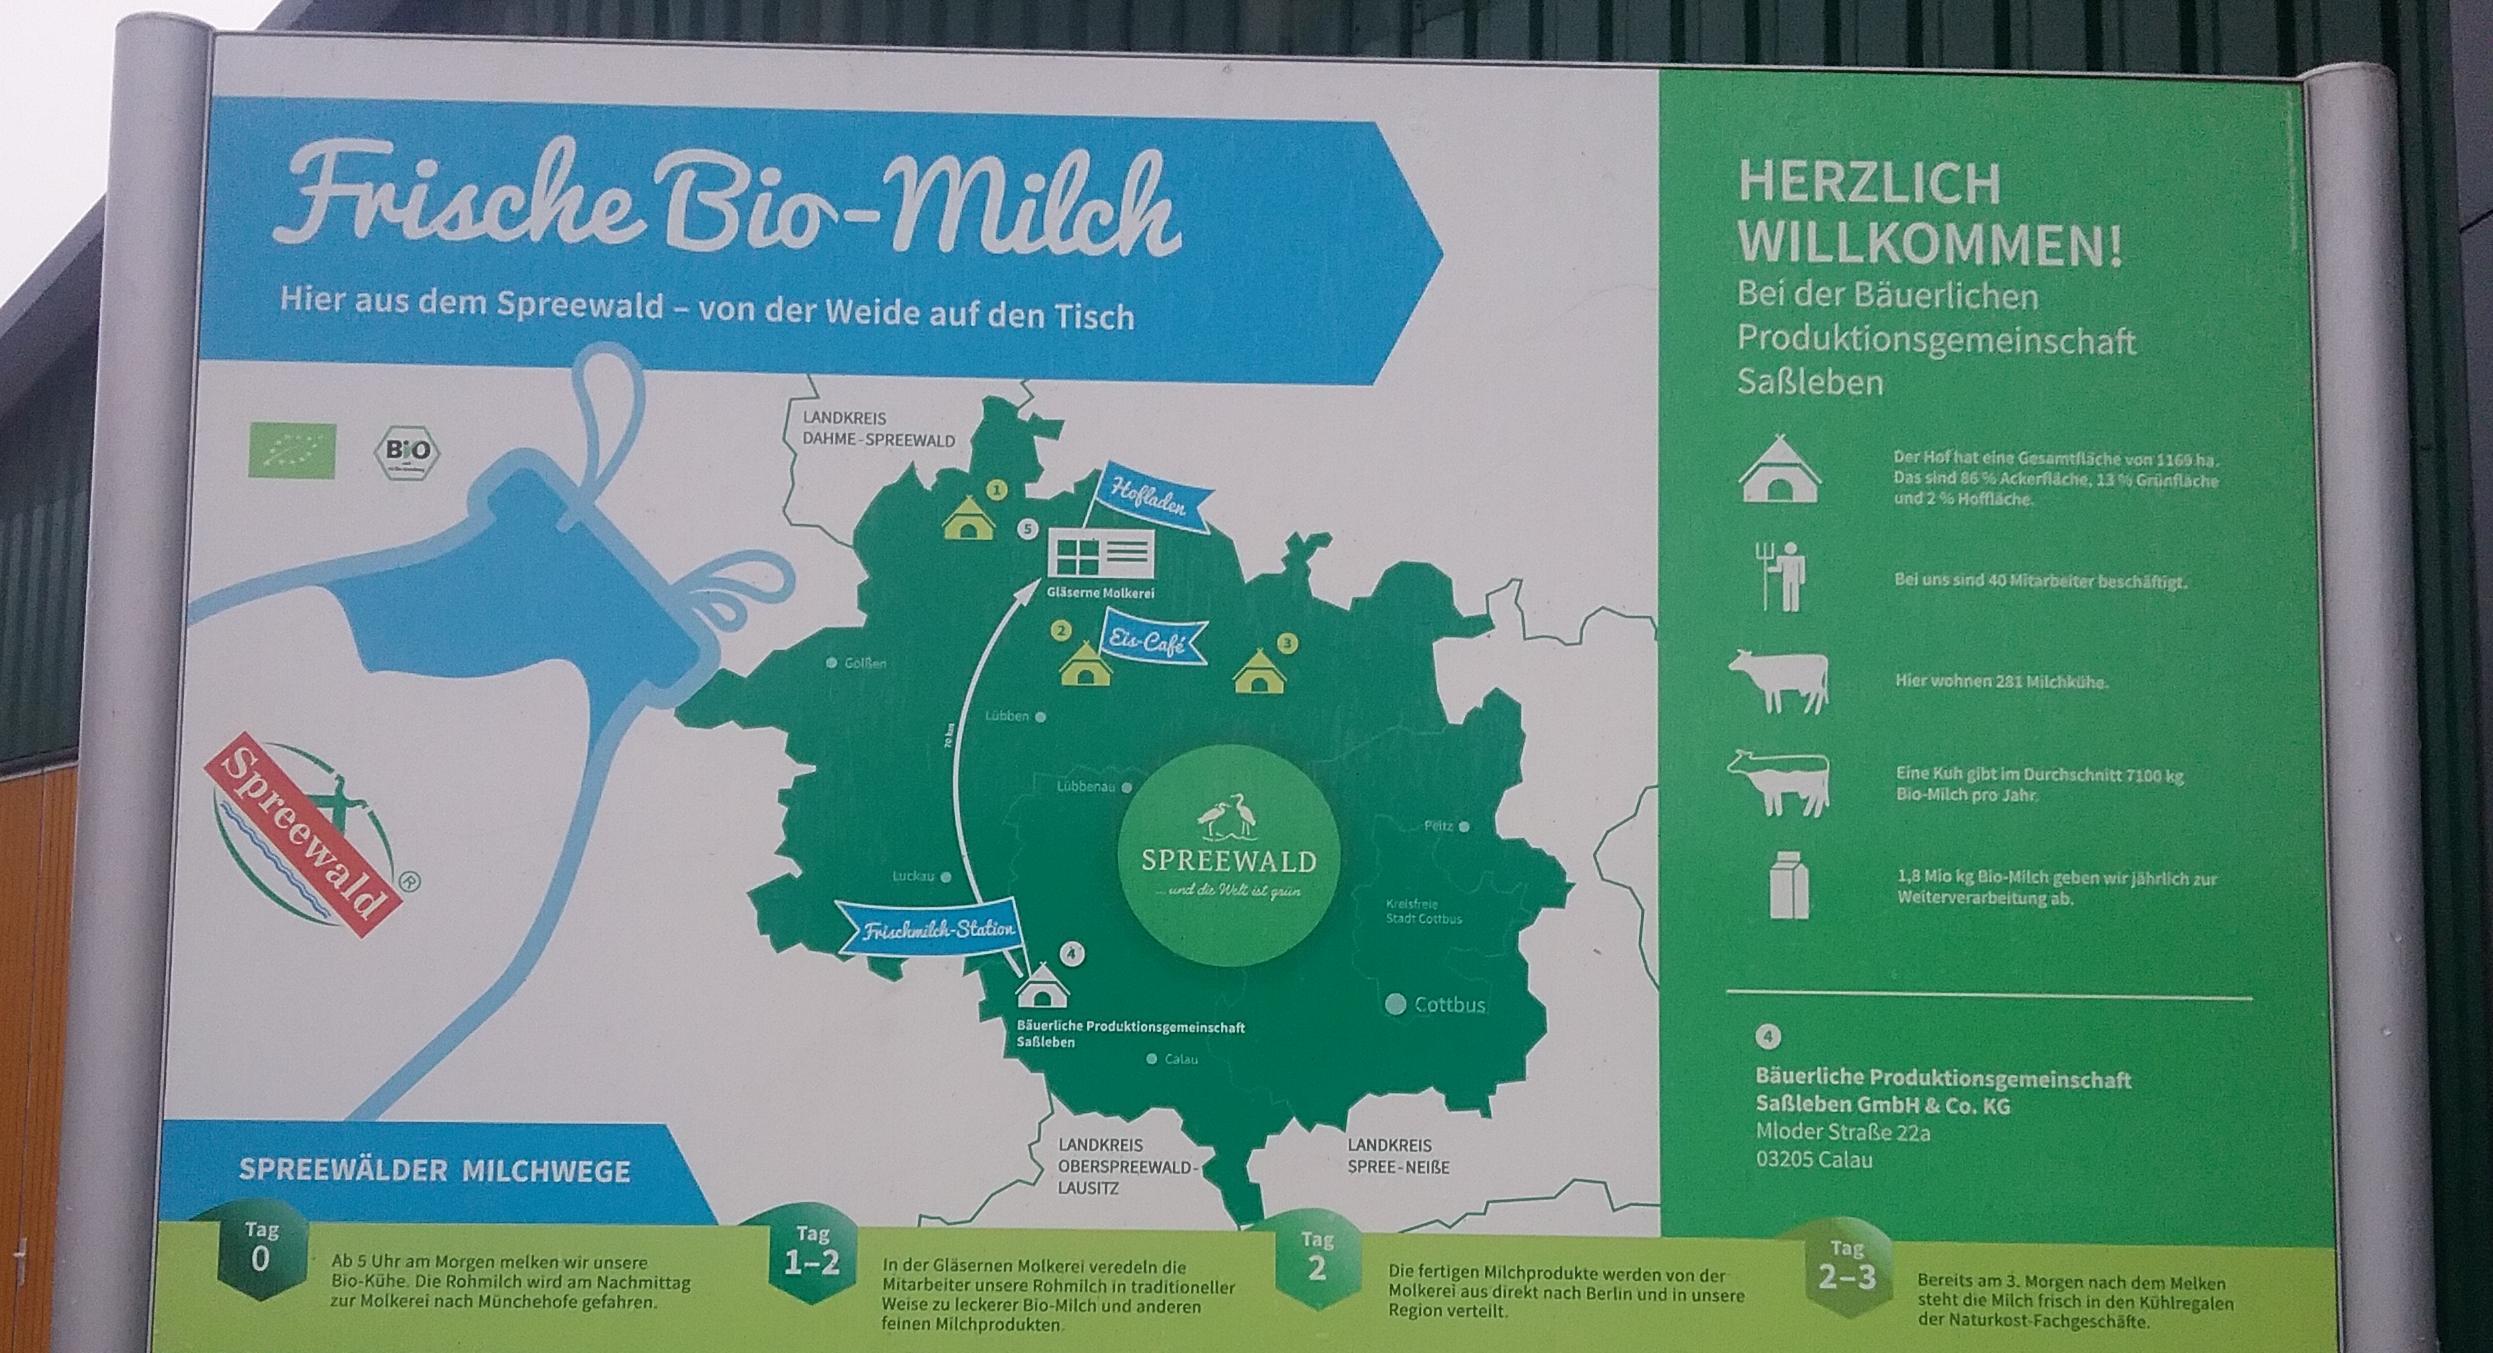 Regionale Milch aus dem Spreewald - Infotafel zu Vertriebswegen